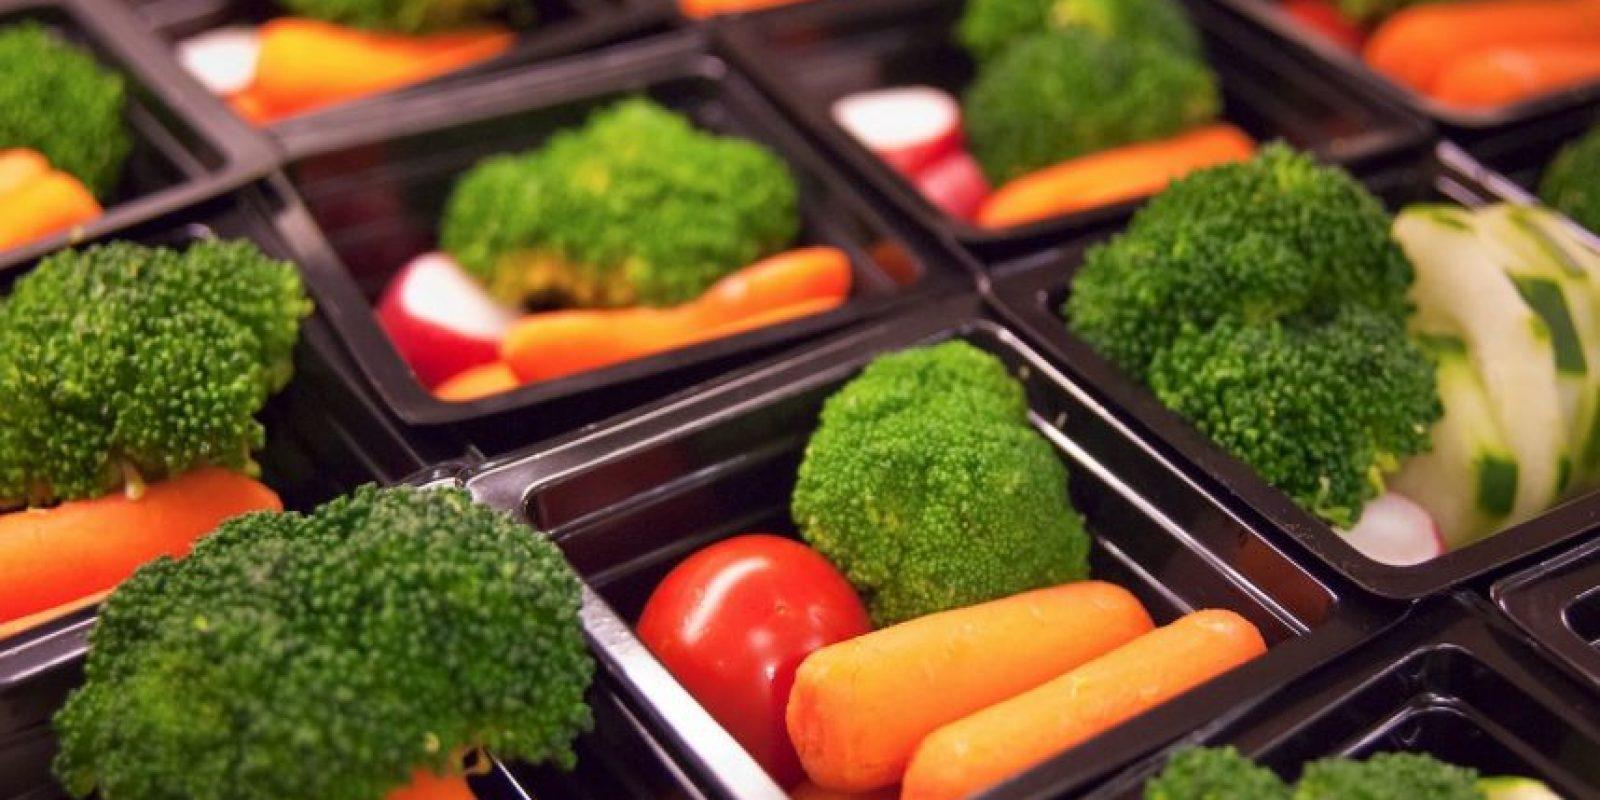 La selección de frutas aumentó en un 20% desde 1 a 1.2 porciones por estudiante por día. Foto:Creative Commons